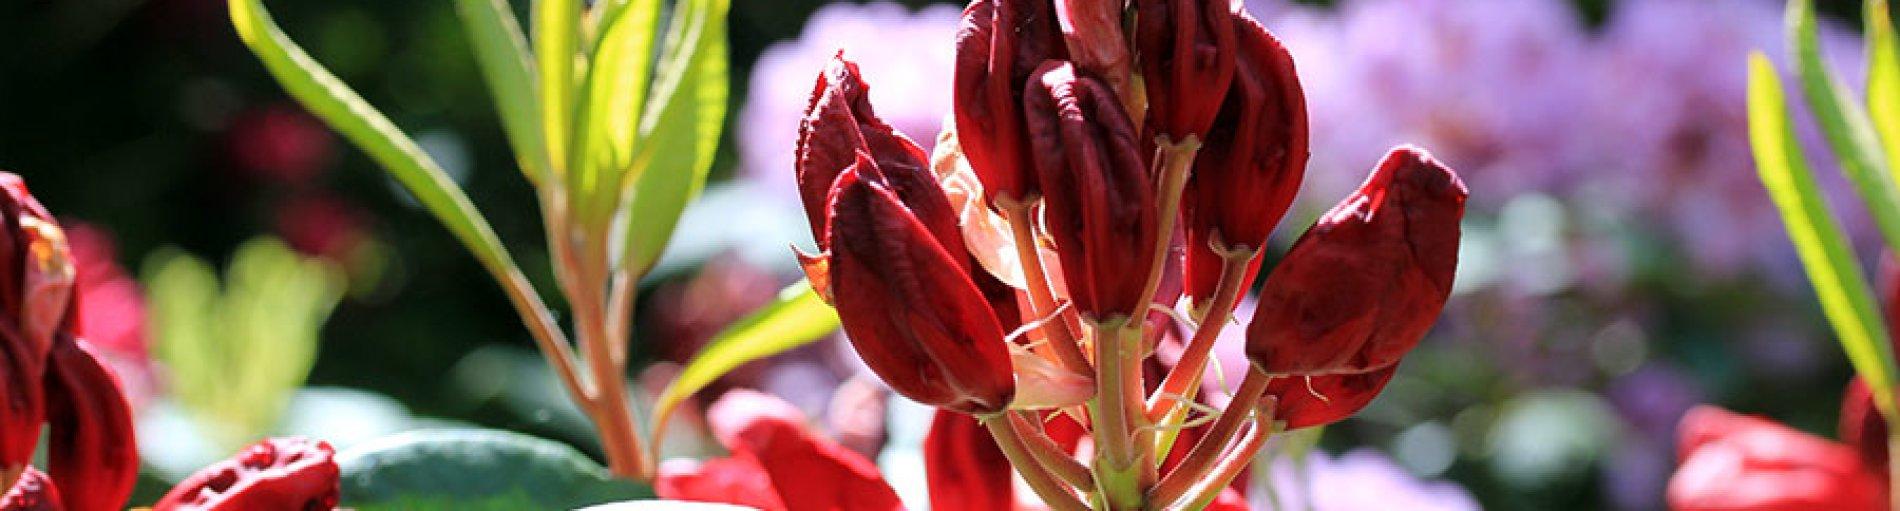 Blüte eines Rhododendron